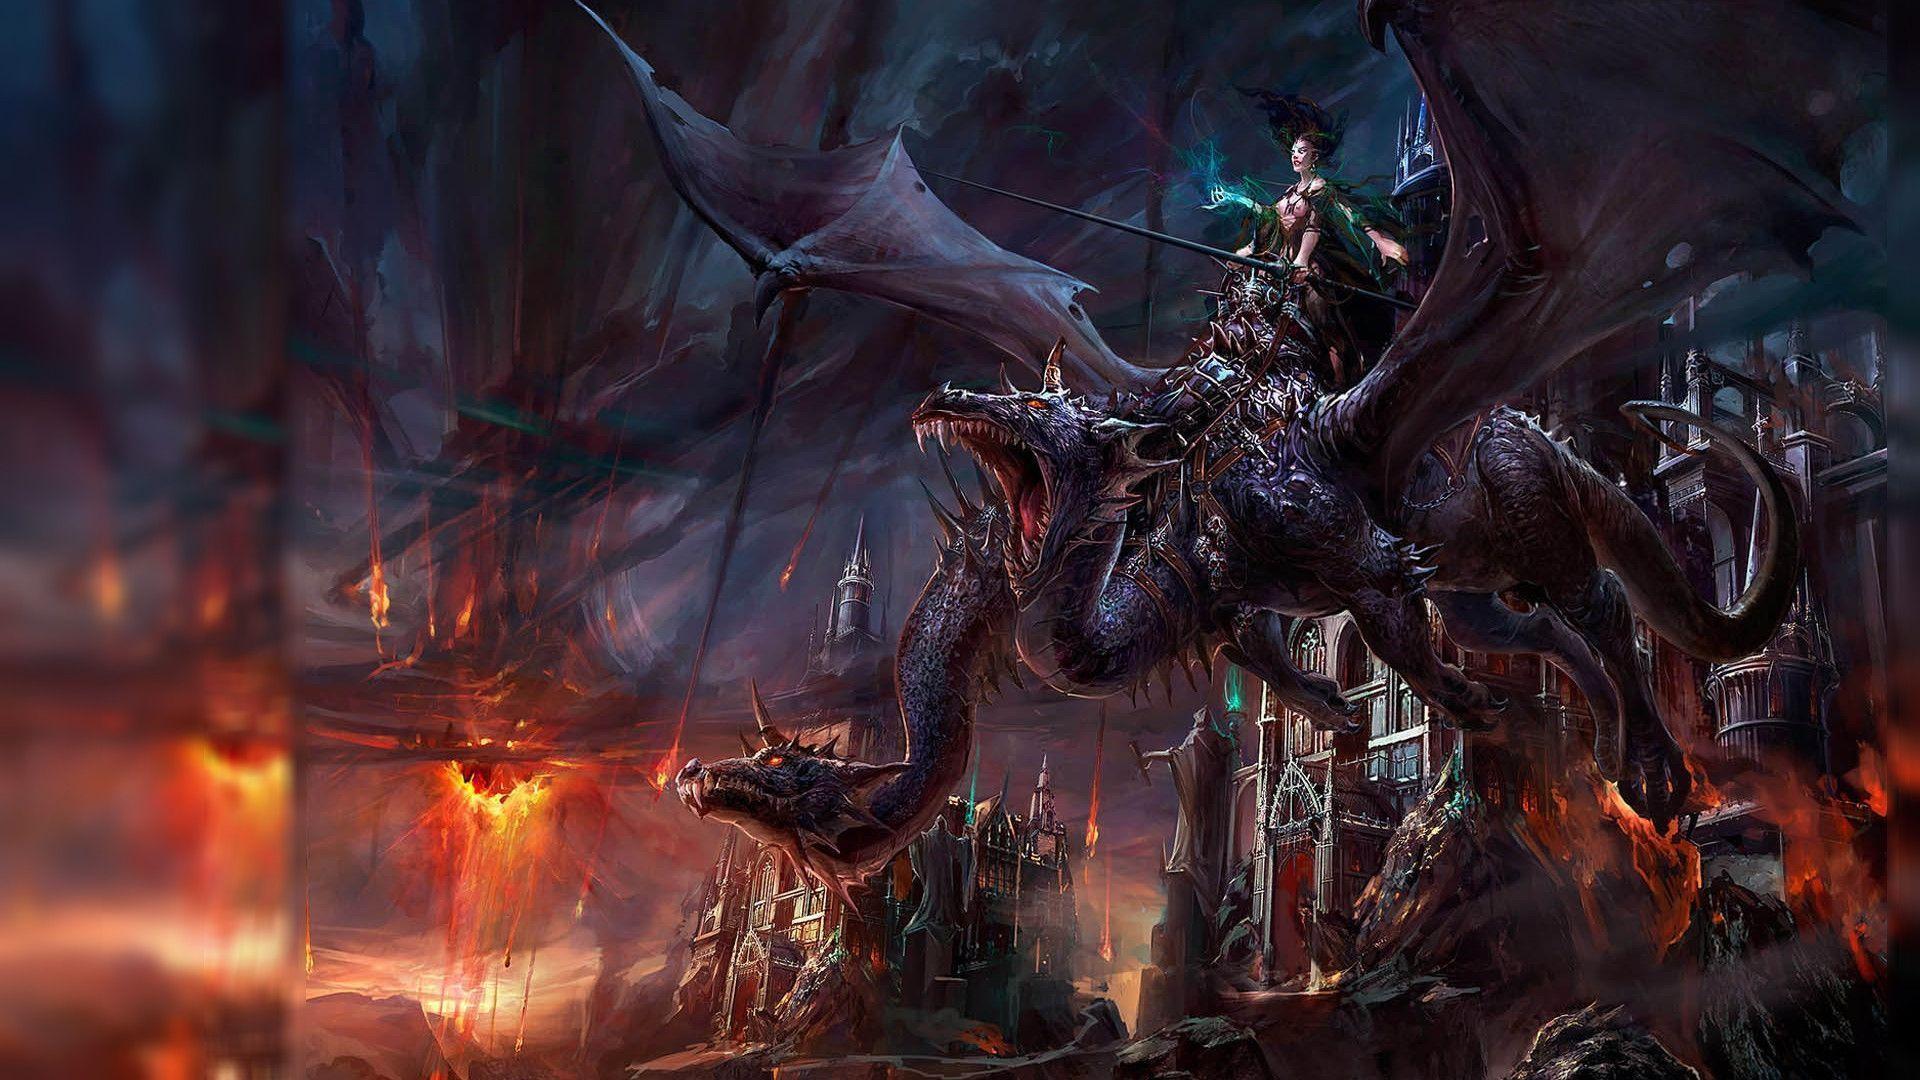 dragon age wallpaper - photo #8